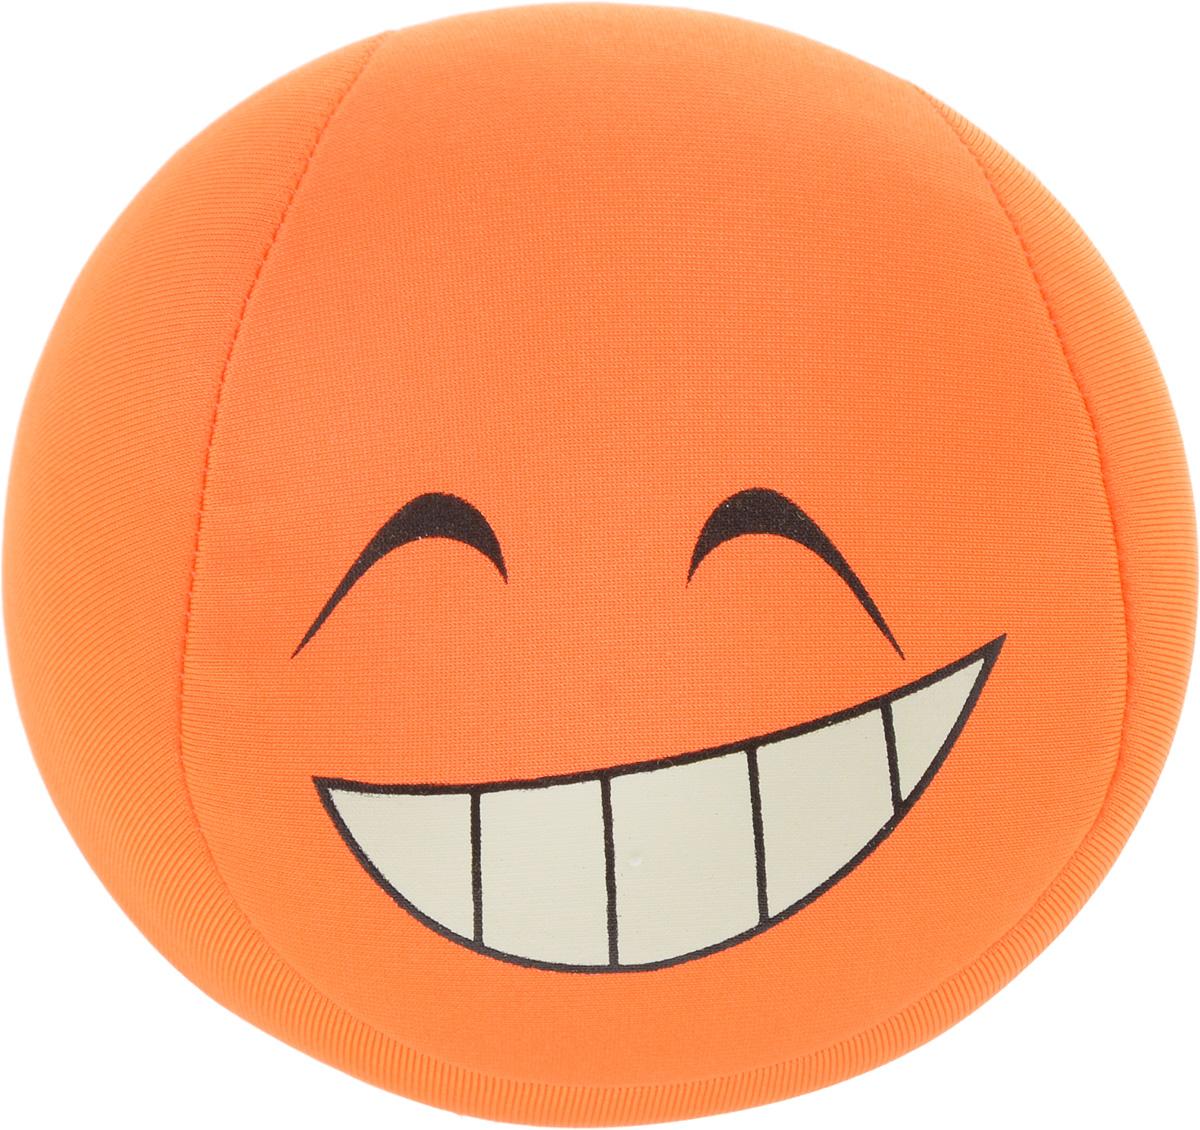 Игрушка-антистресс Home Queen Смайлик, цвет: оранжевый, диаметр 10 см70062_оранжевыйИгрушка-антистресс Home Queen Смайлик способна стать аккумулятором хорошего настроения. Игрушка выполнена из трикотажной ткани в виде веселого смайлика, внутри - наполнитель из полистирола. Игрушка легкая, упругая, как бы вы ее ни сжимали, она неизменно возвращает себе первоначальную форму. Тысячи мельчайших гранул полистирола создают поистине волшебный релаксирующий эффект. Такая игрушка - идеальный рецепт хорошего настроения! Она подходит абсолютно всем, поскольку не вызывает аллергии. Уважаемые клиенты! Обращаем ваше внимание на возможные изменения в дизайне товара, рисунок на игрушке может отличаться от изображенного на фотографии. Поставка осуществляется в зависимости от наличия на складе.